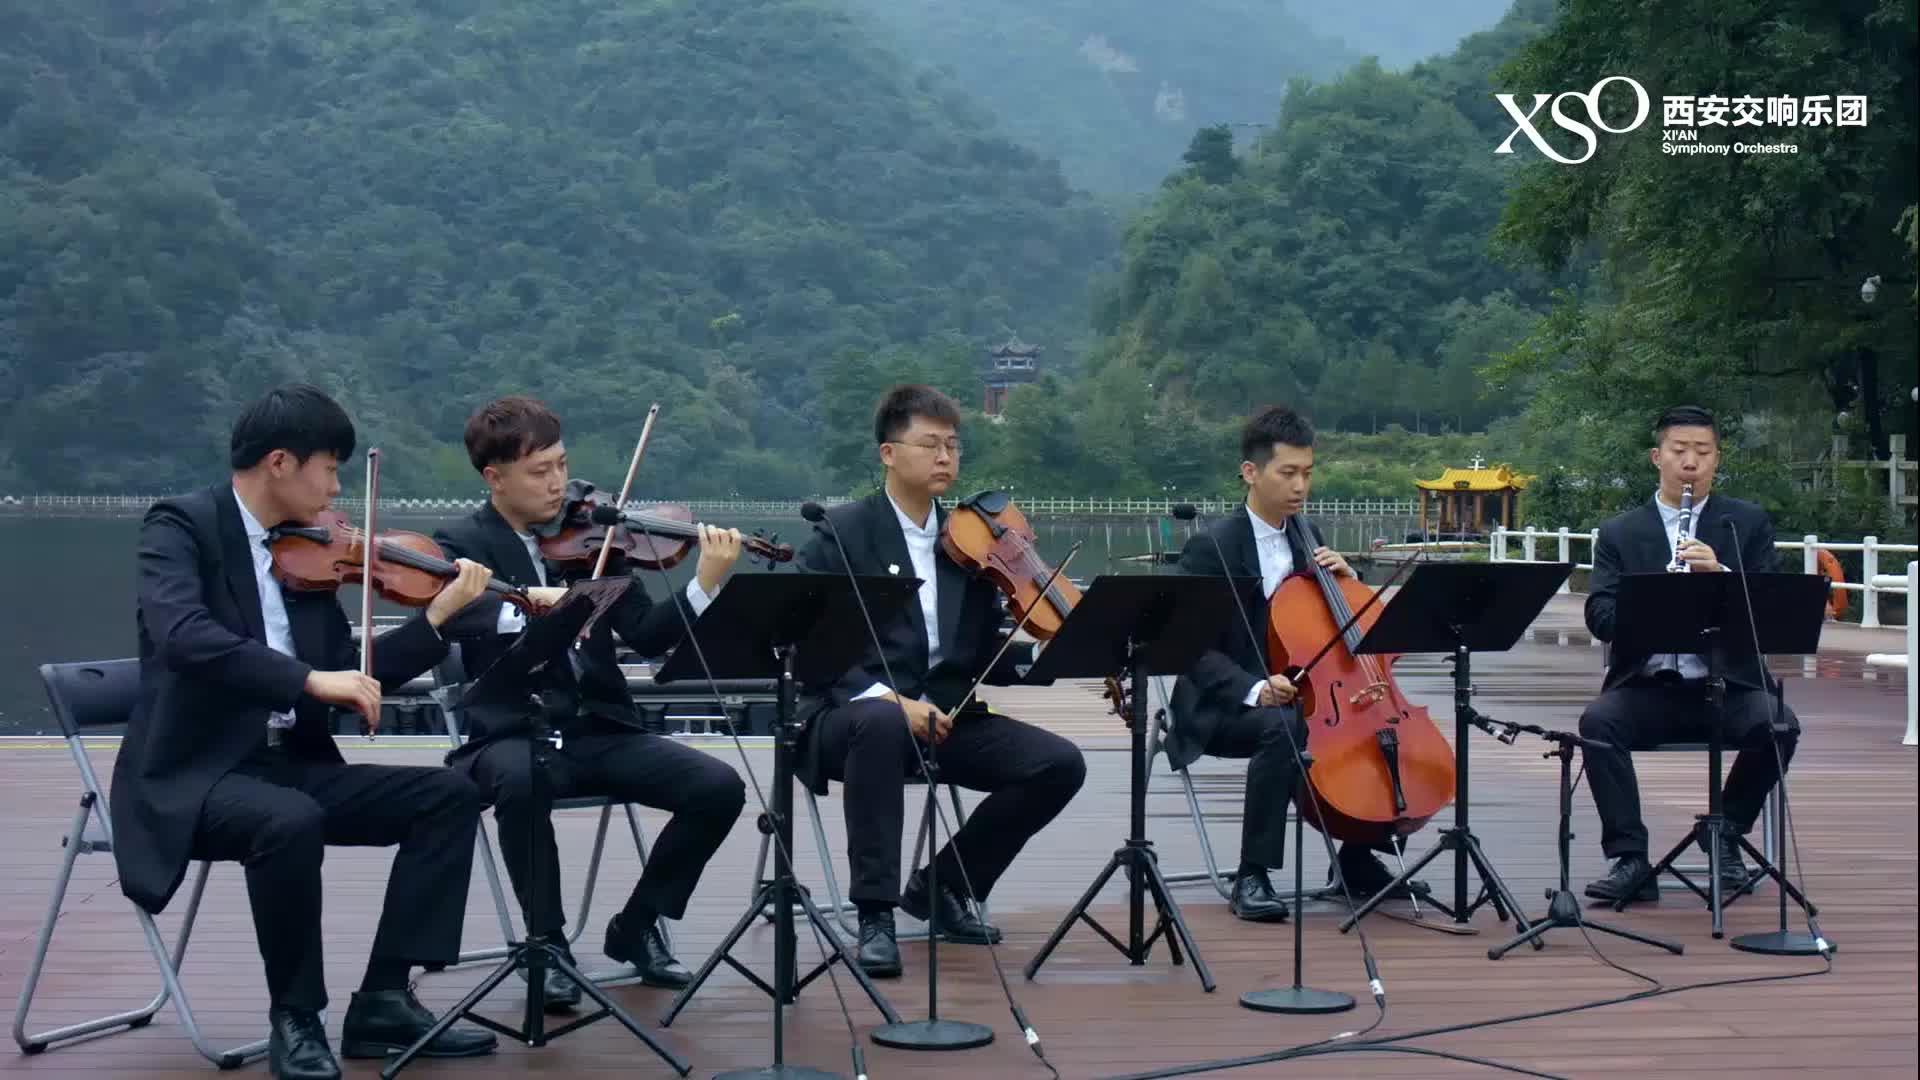 翠华山行音乐会——A大调单簧管五重奏 第一乐章:快板